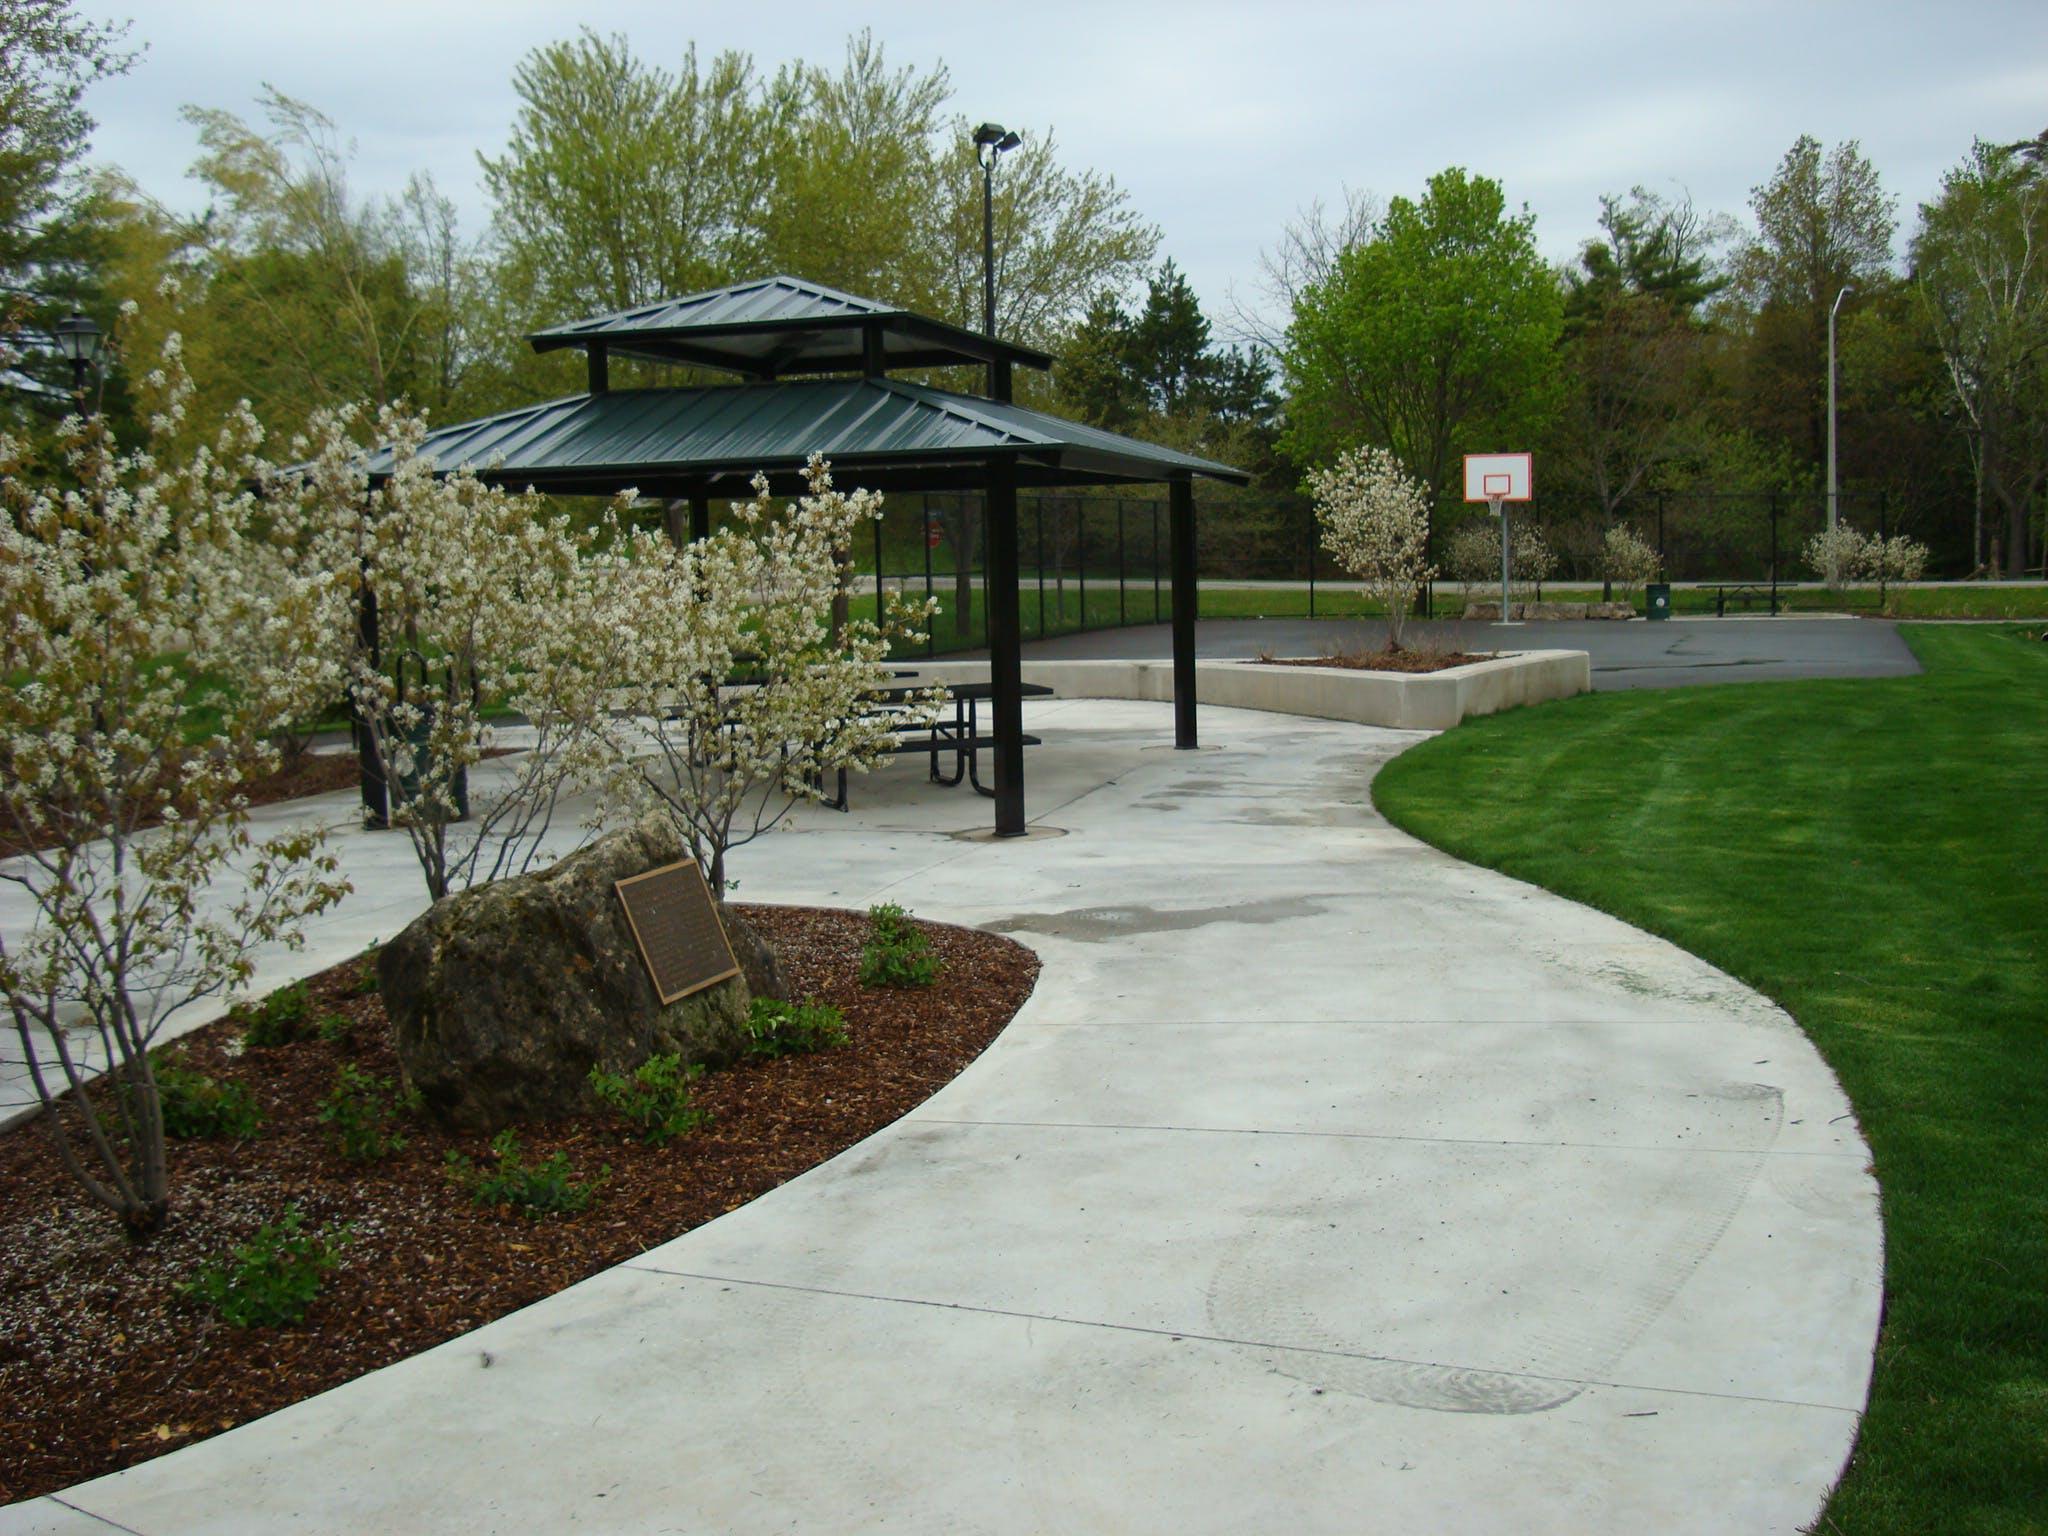 Park Shelter in Campbellville Old Park.